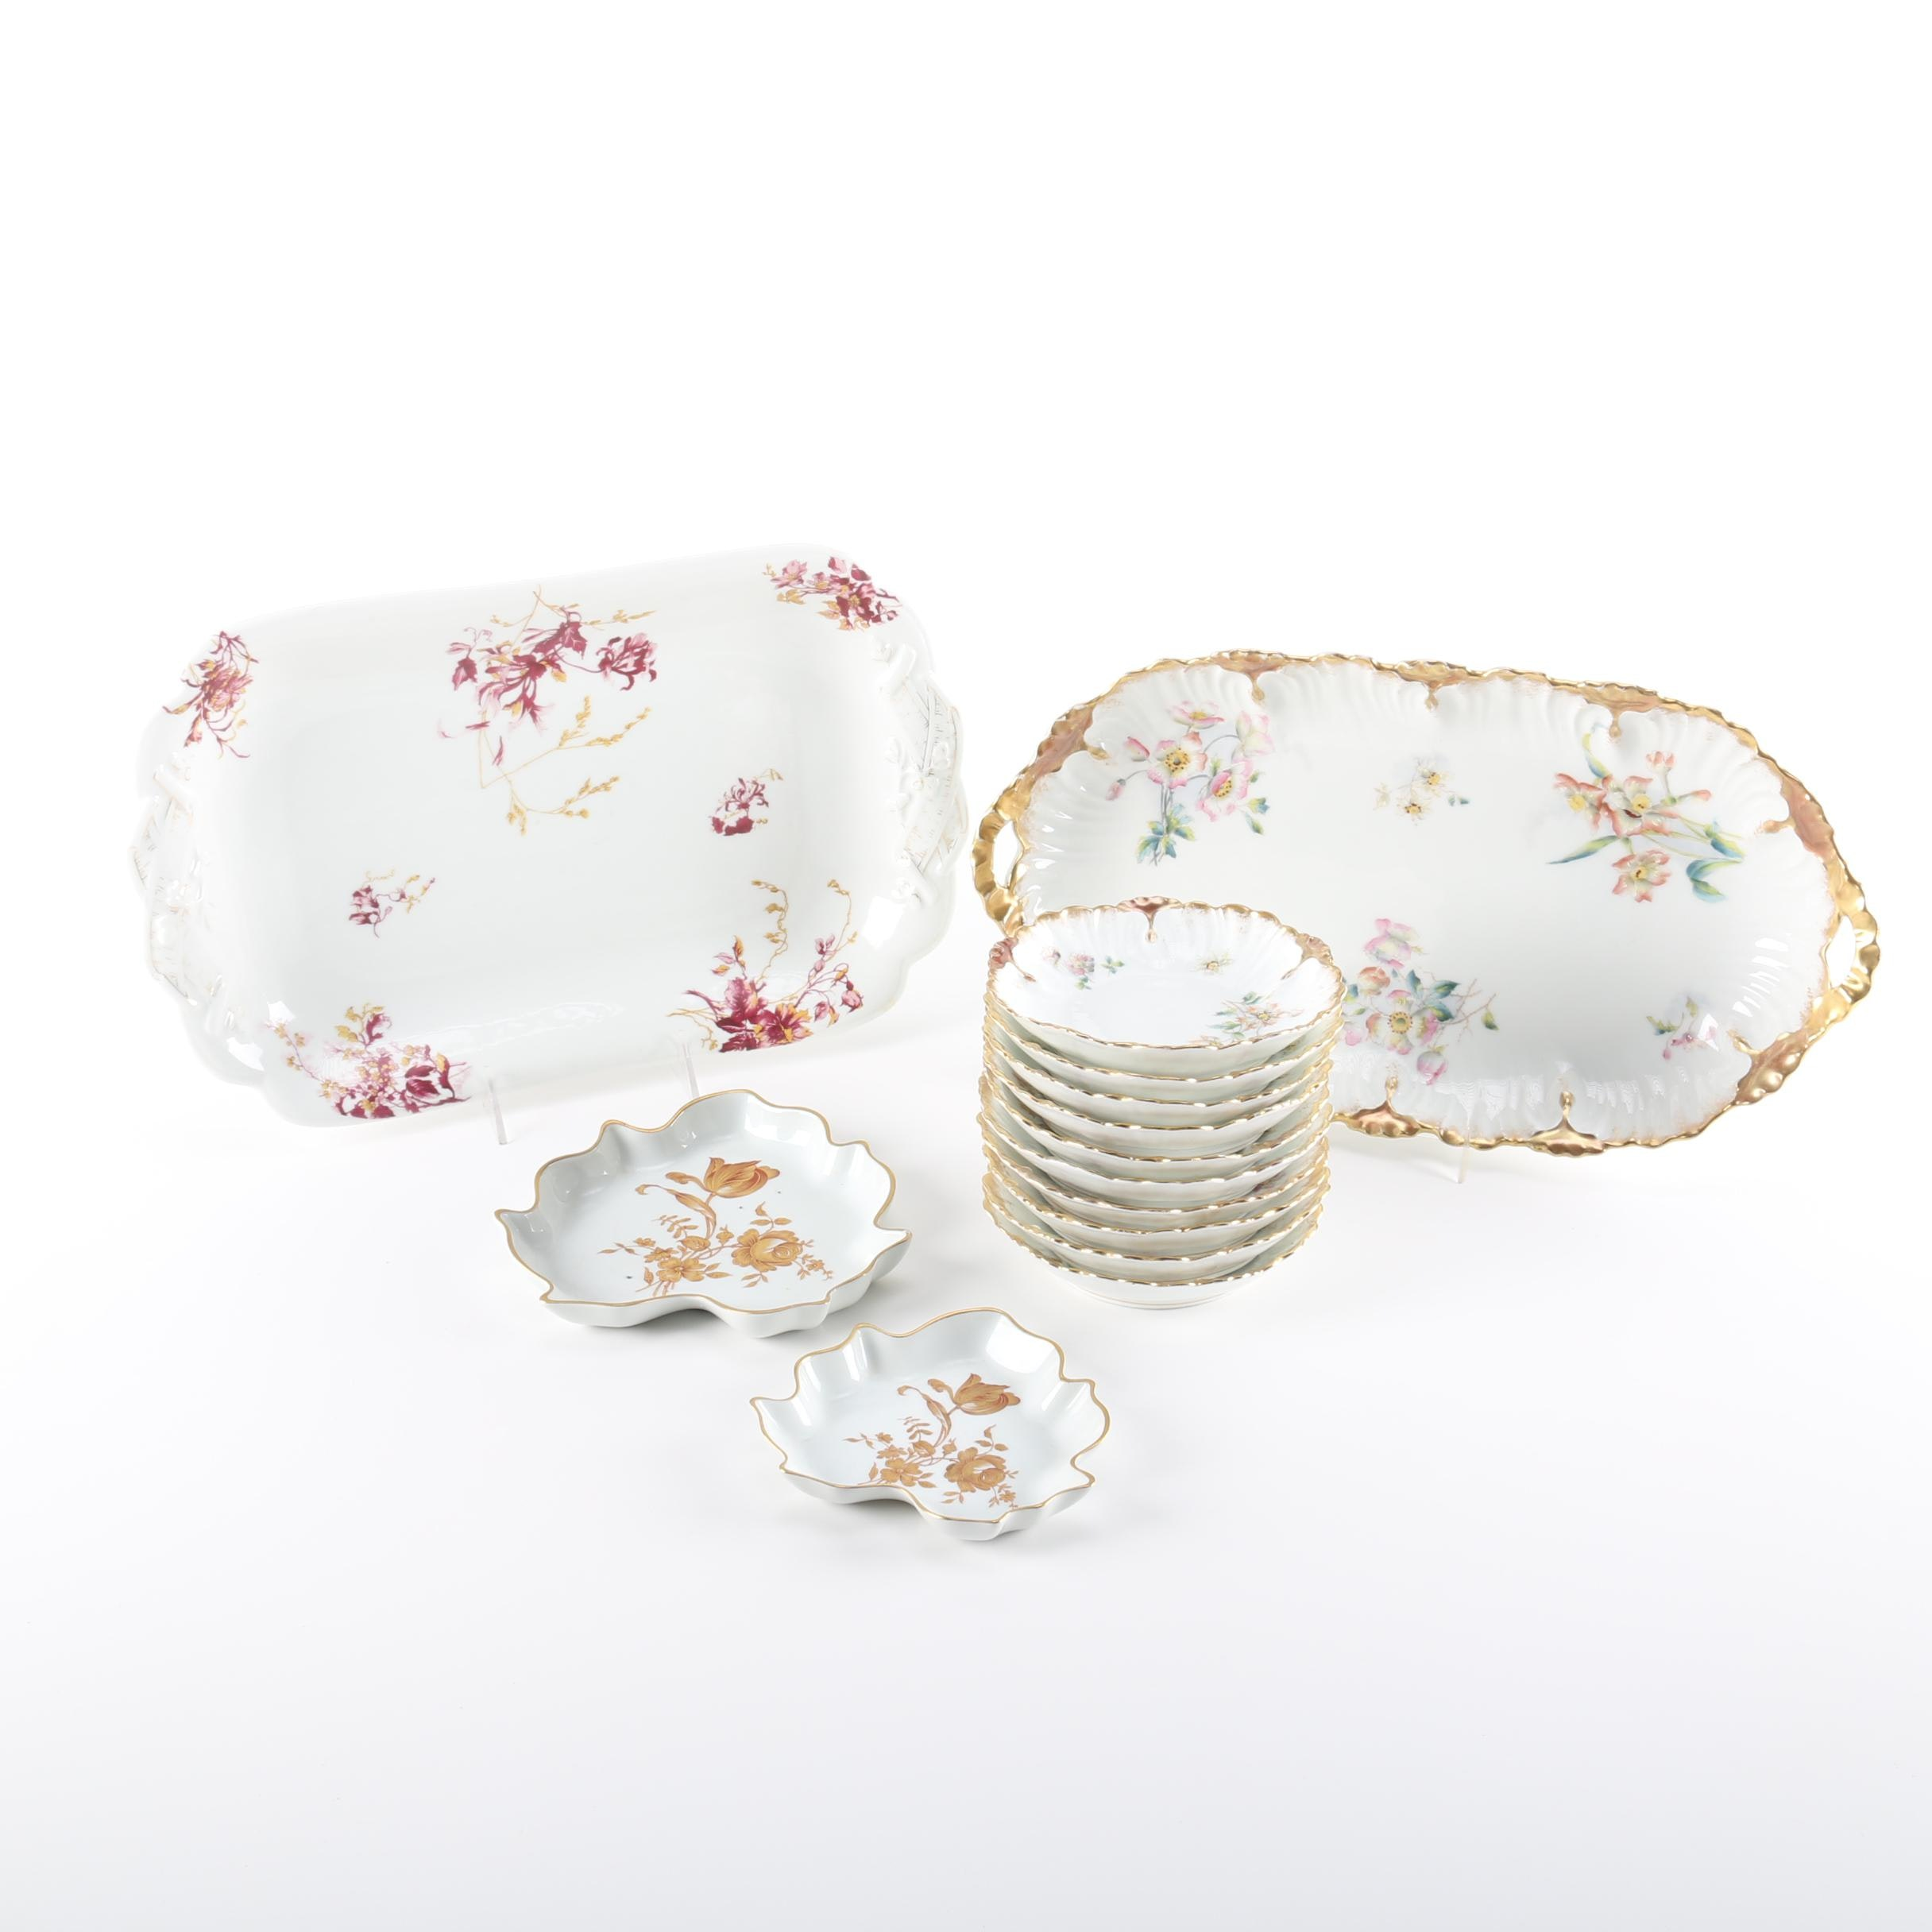 Antique Haviland and Laviolette Limoges Tableware